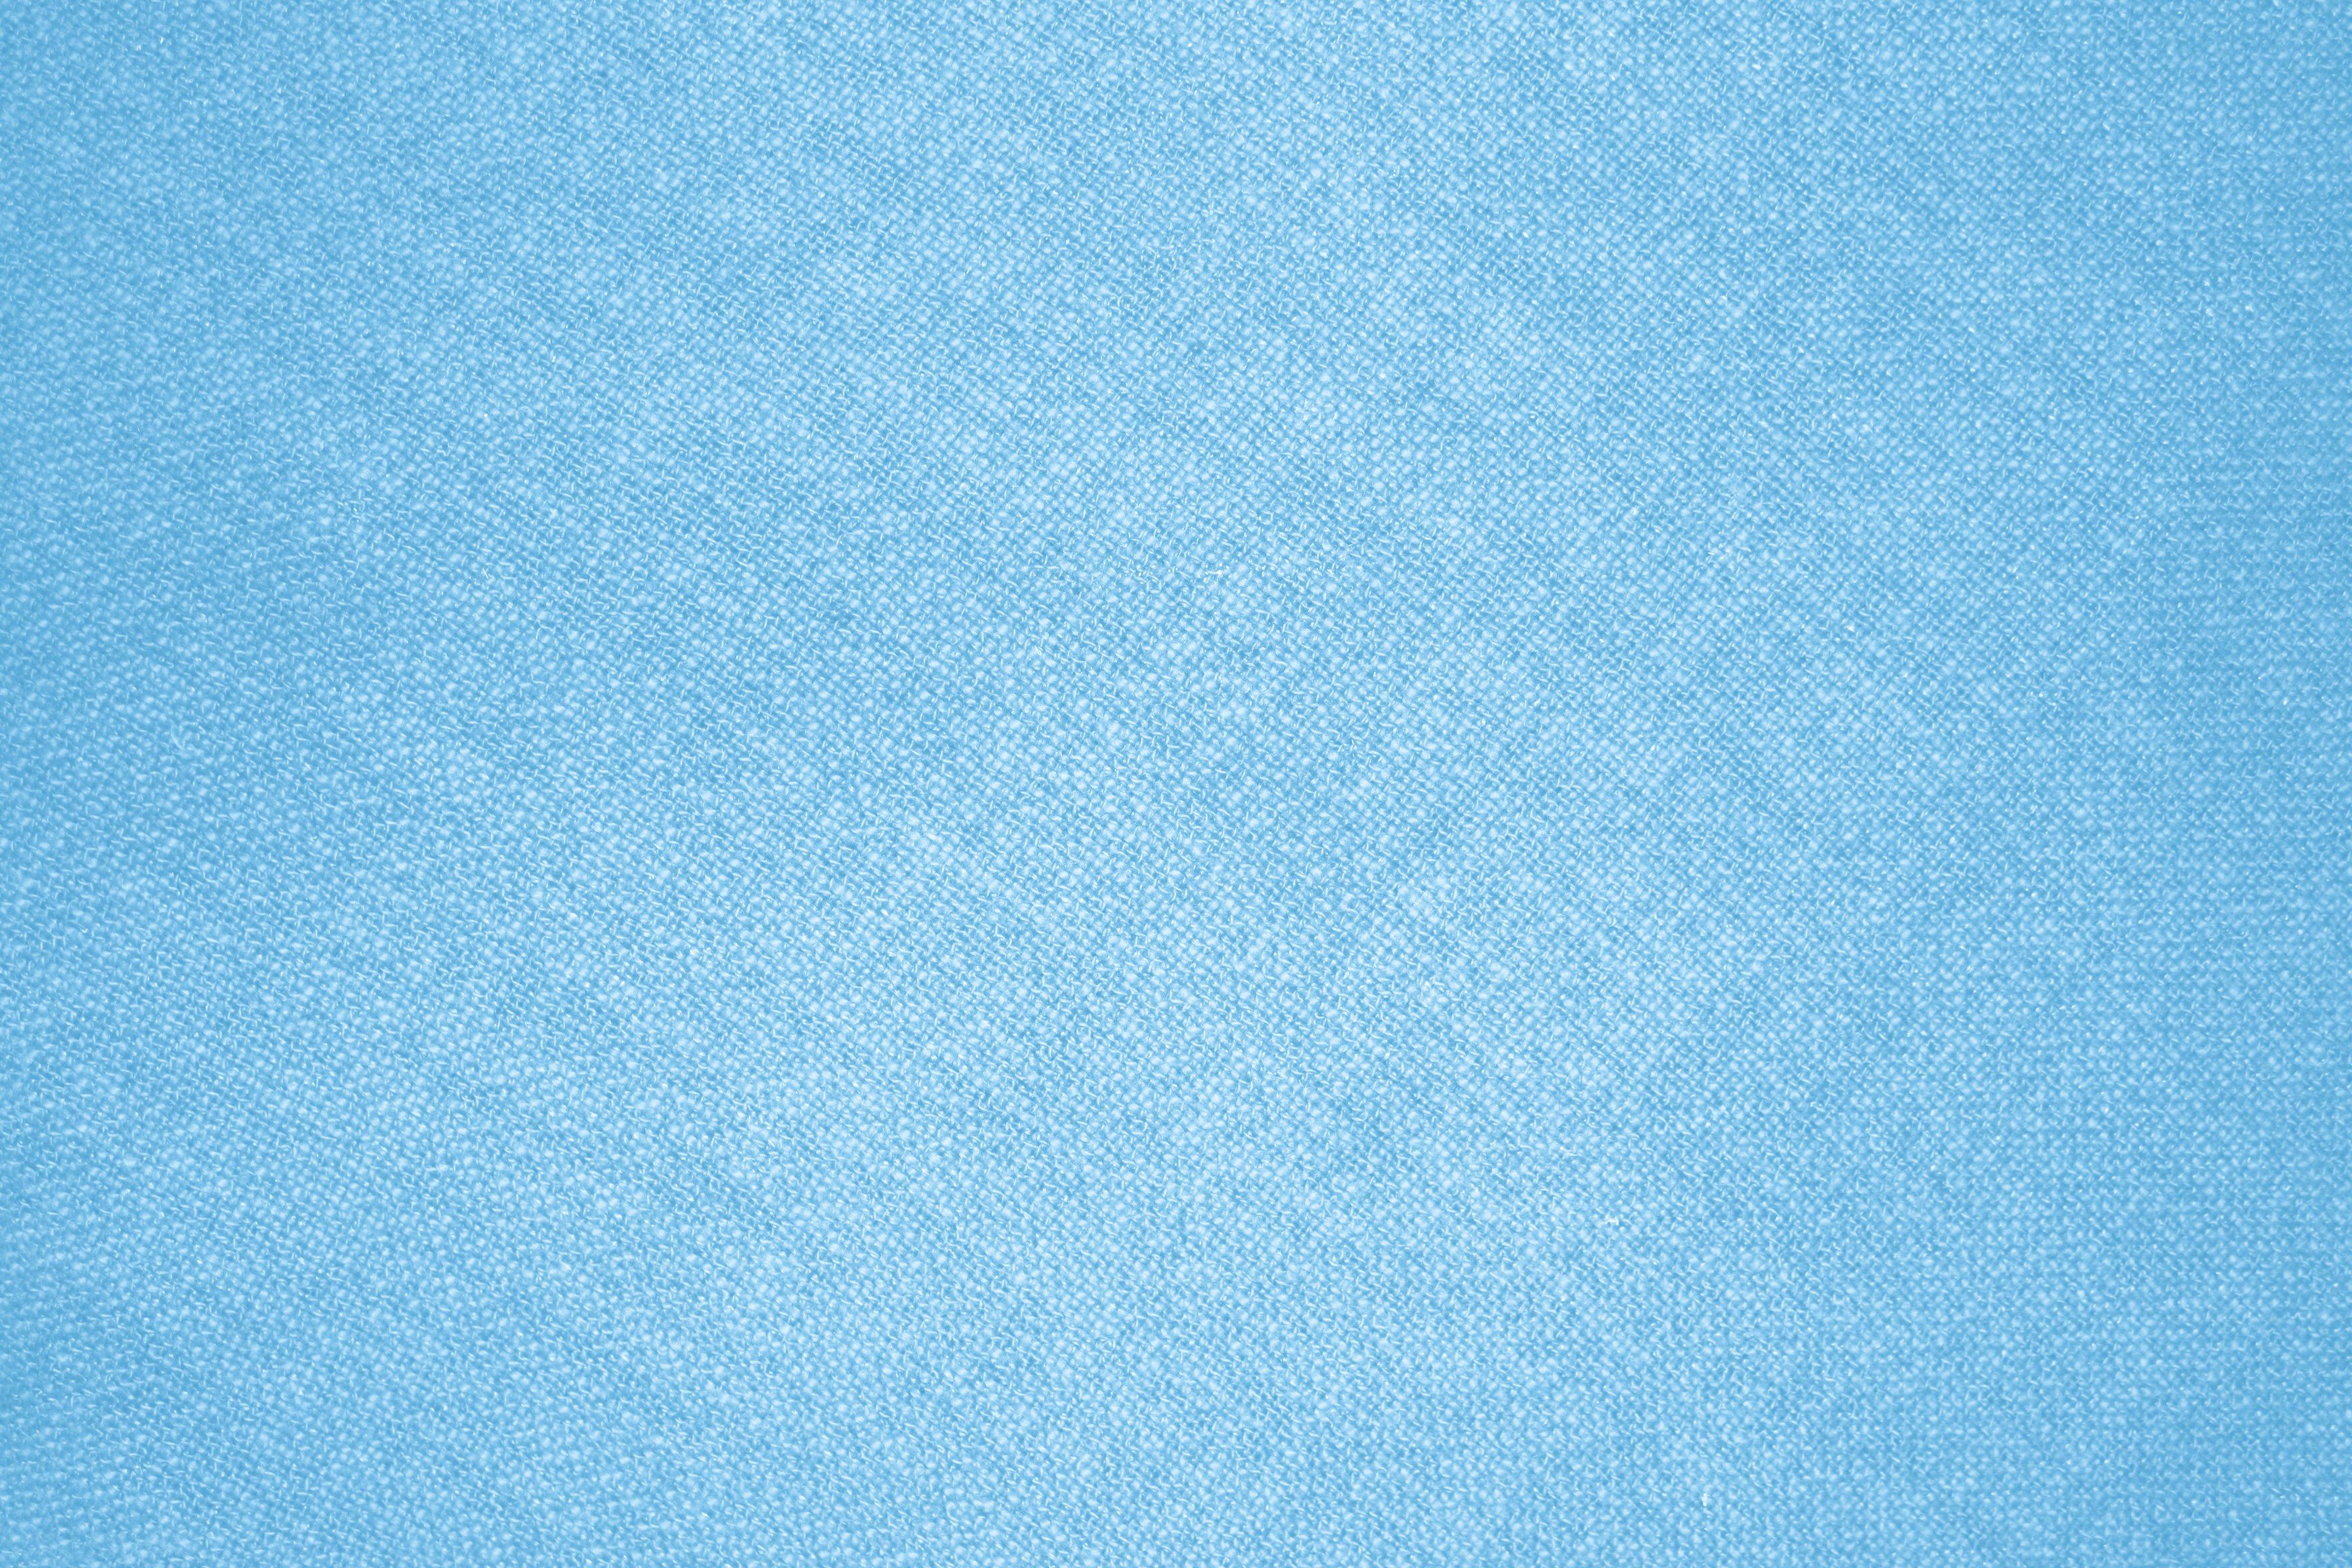 Light Blue Texture Wallpaper - WallpaperSafari